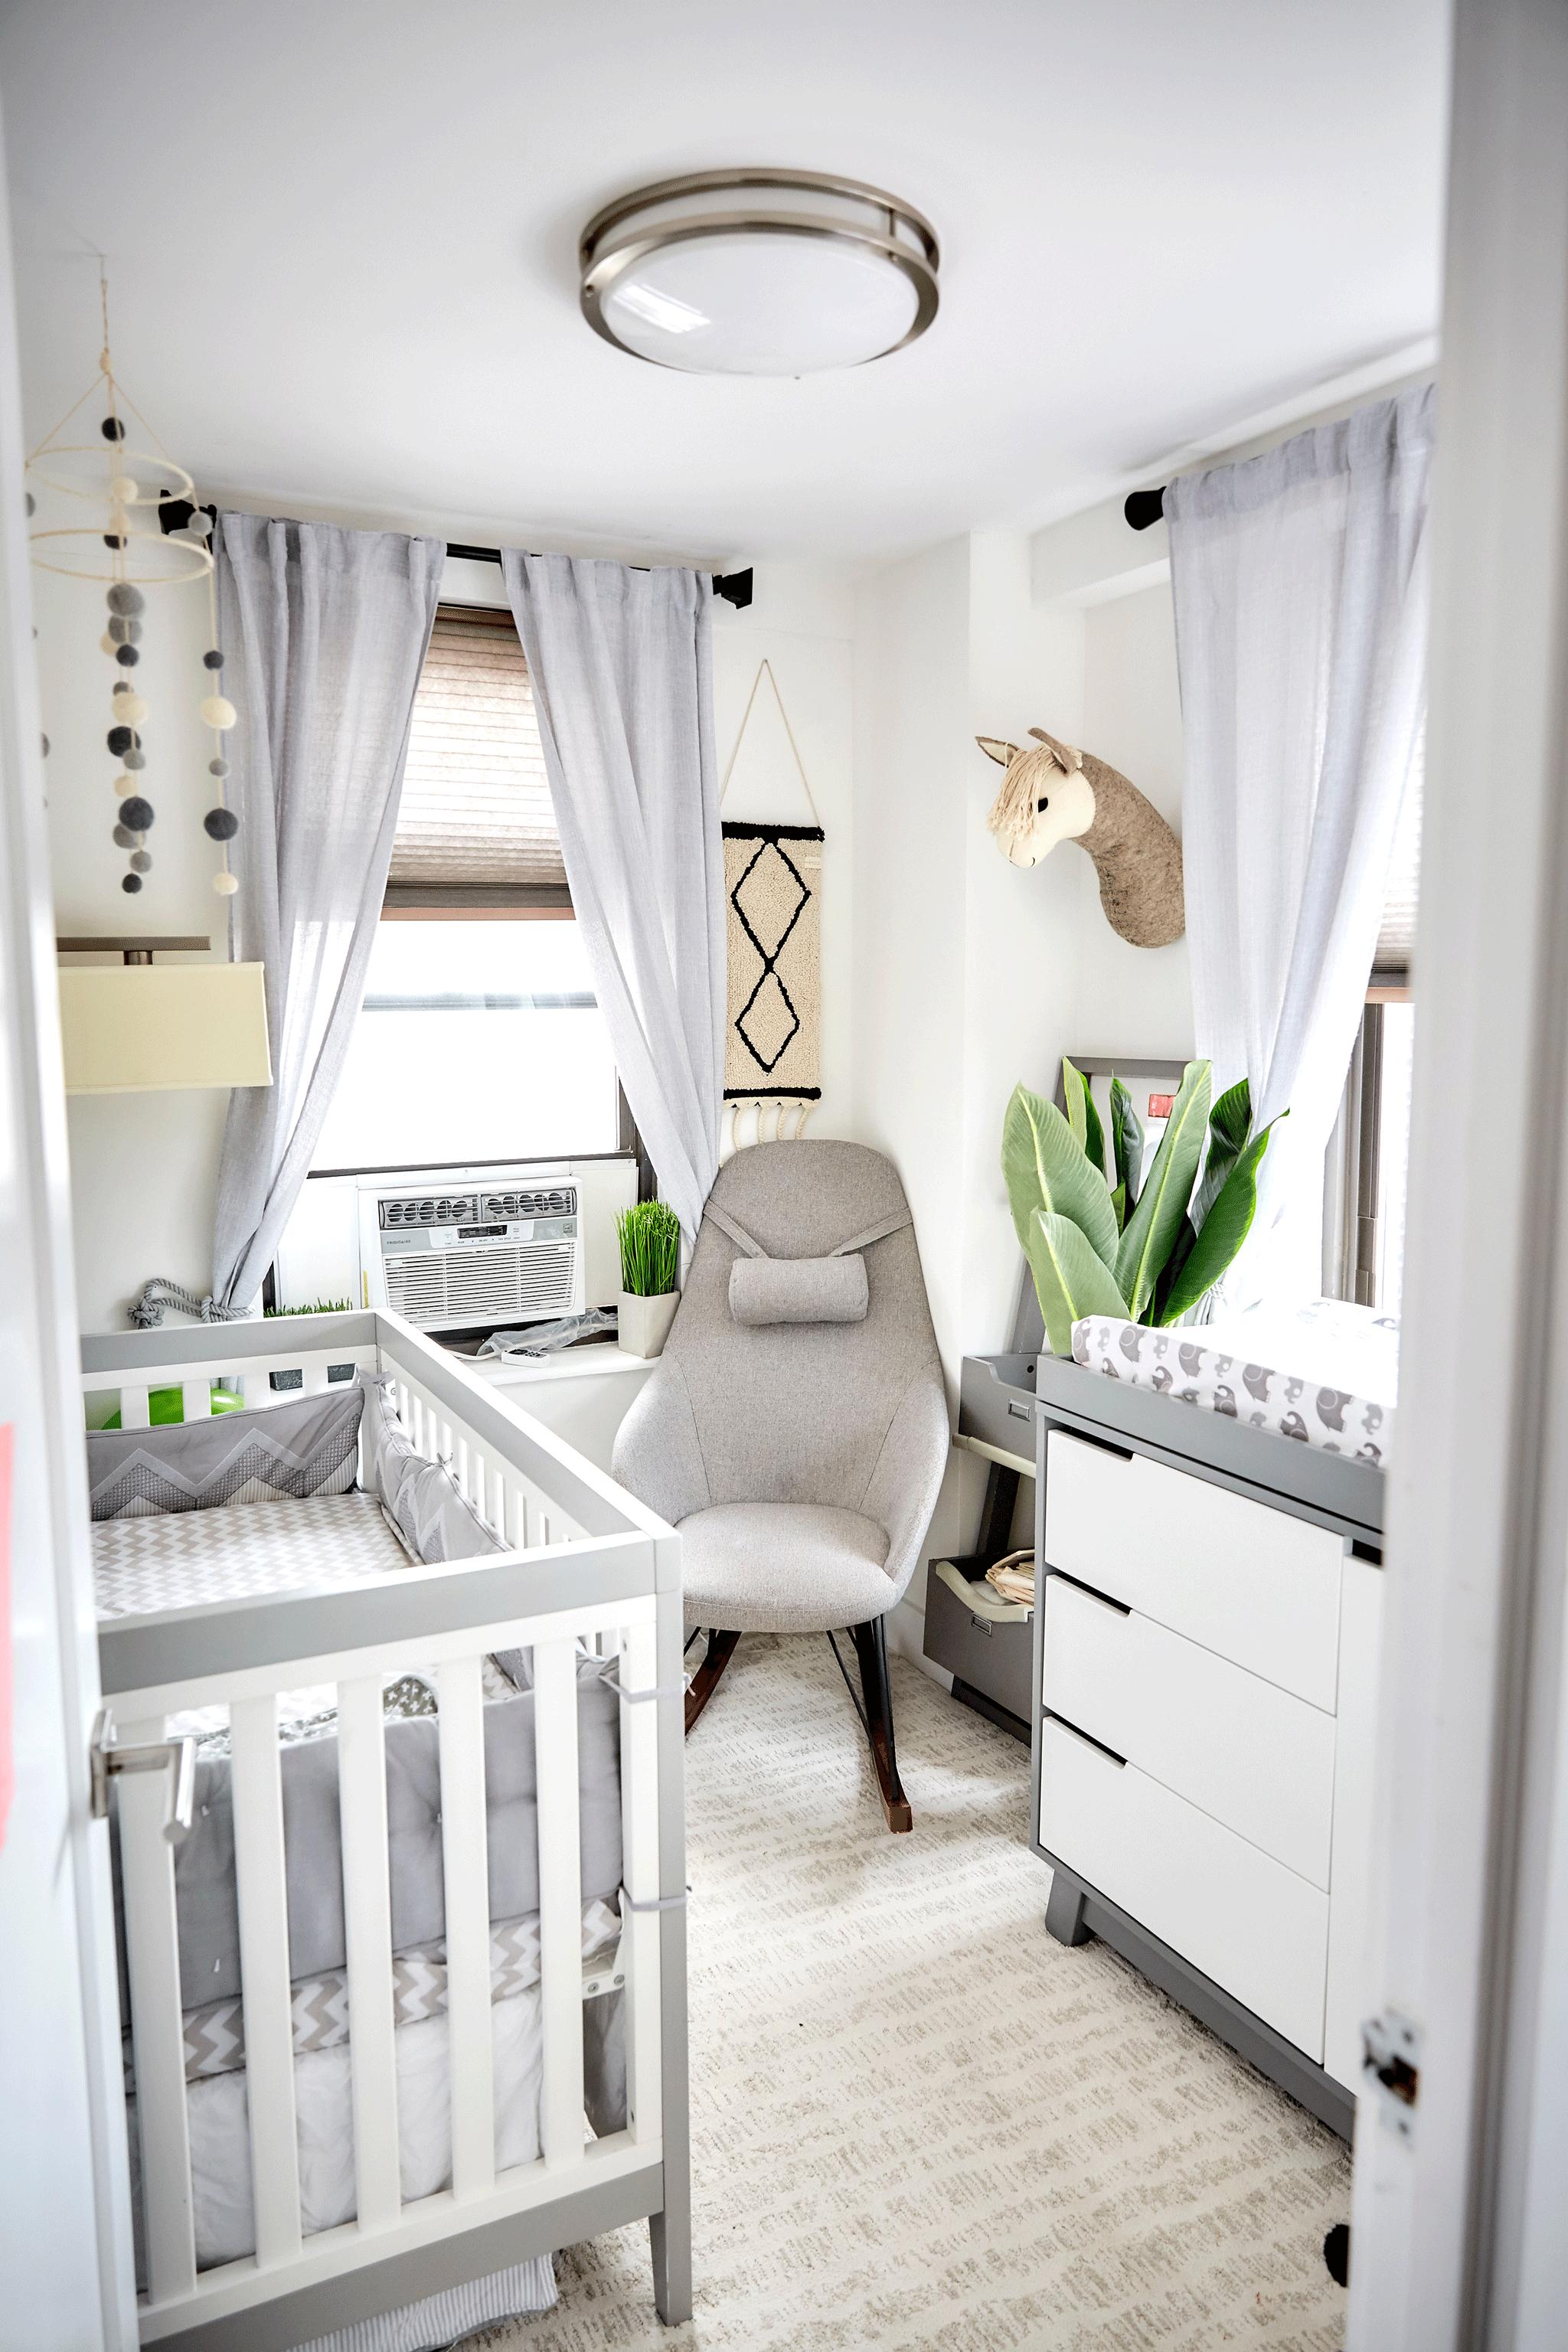 small baby room ideas